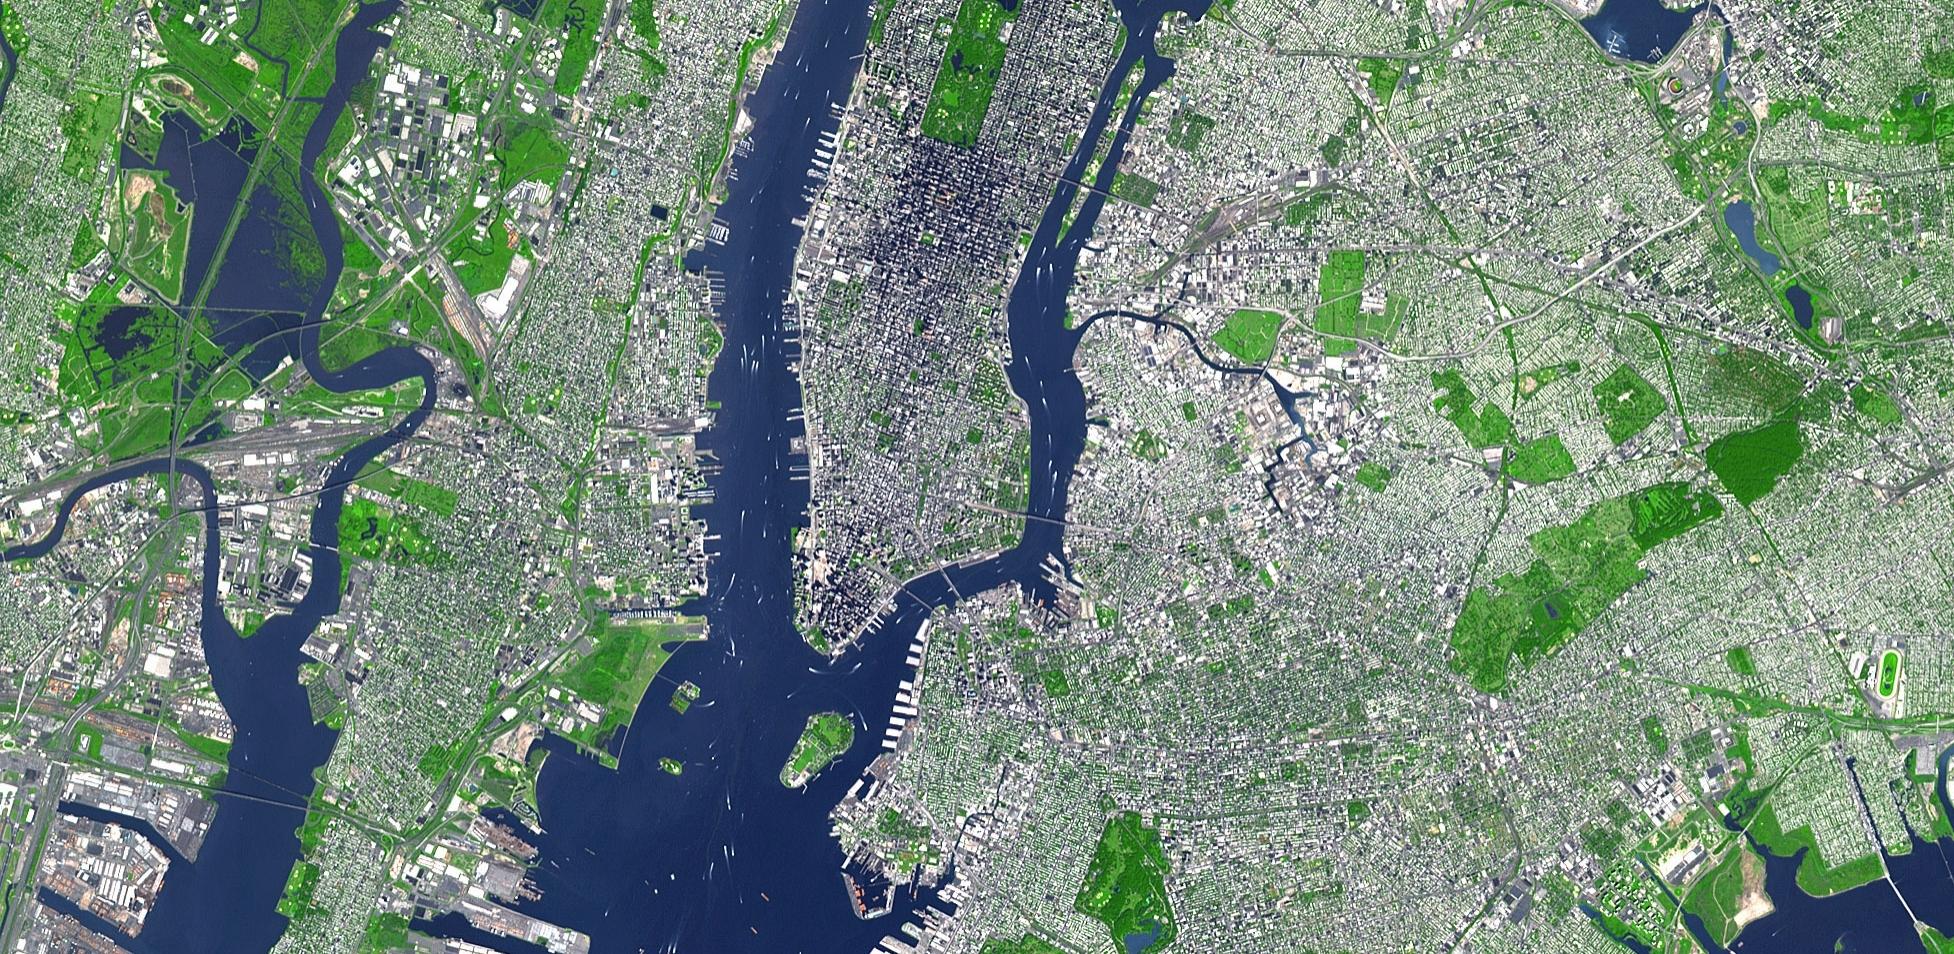 aster_newyorkcity_lrg.jpg